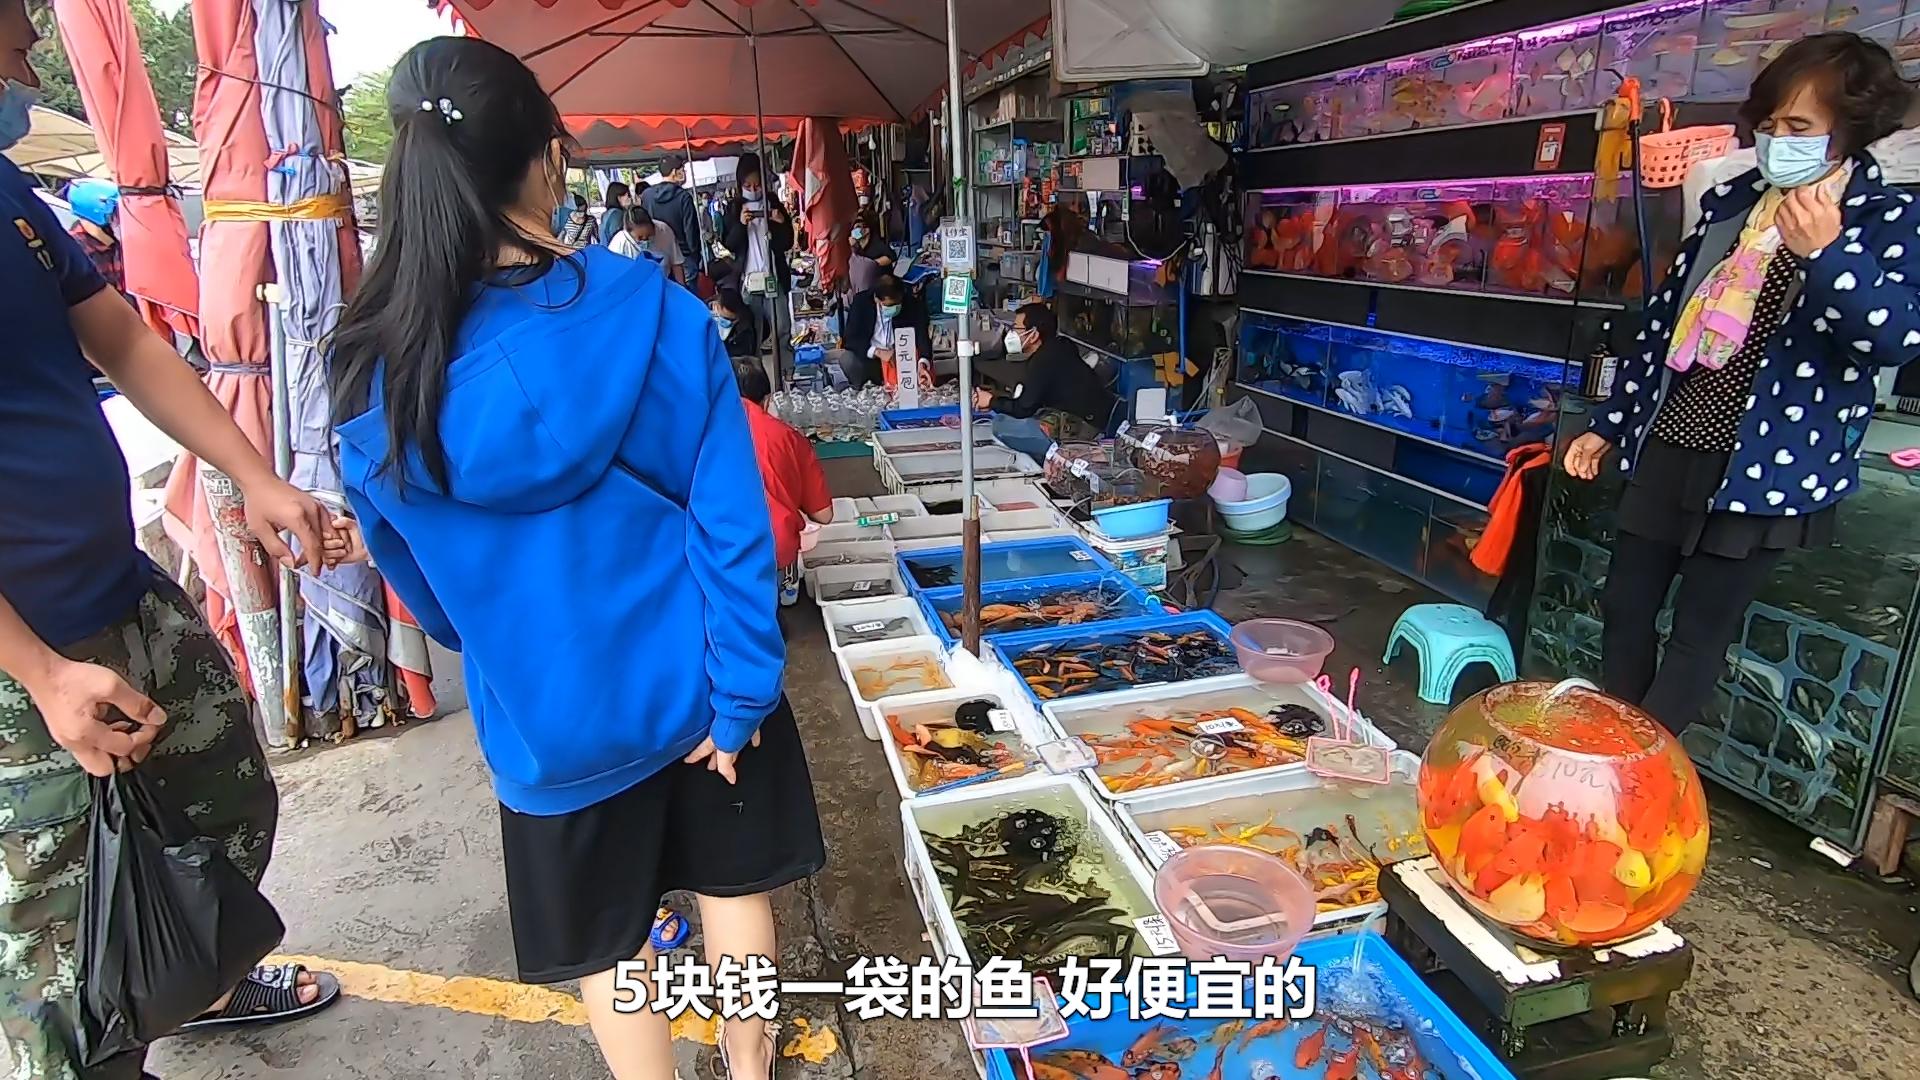 鱼友粉丝见面,相约广州最大观赏鱼市场,5块钱就能买一大袋鱼!